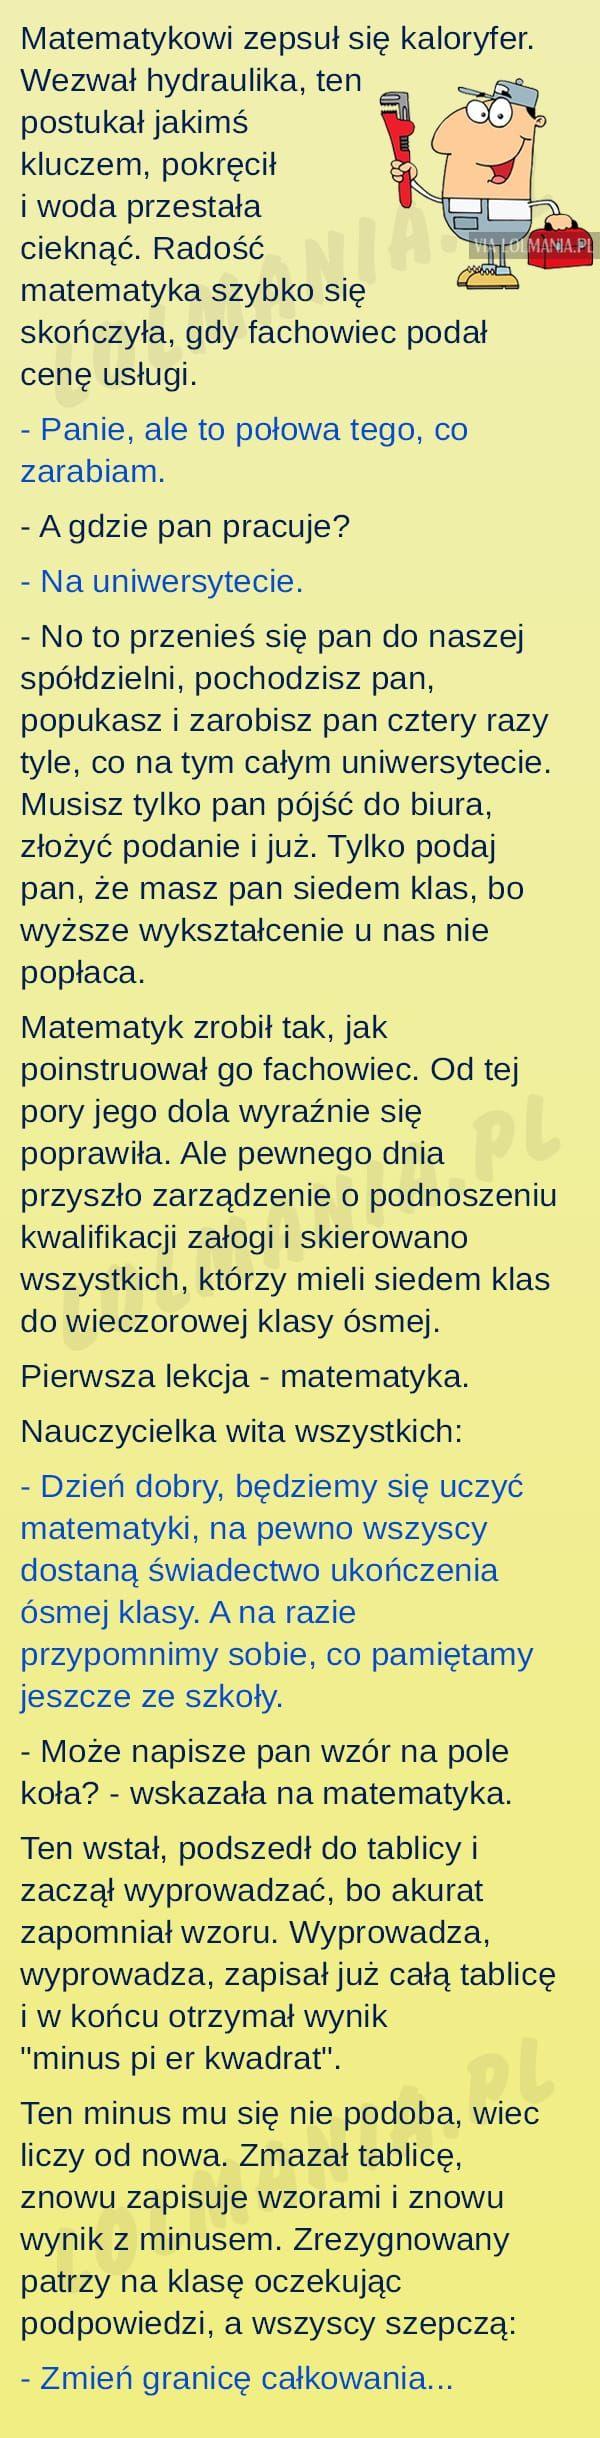 Problemy matematyka ;)